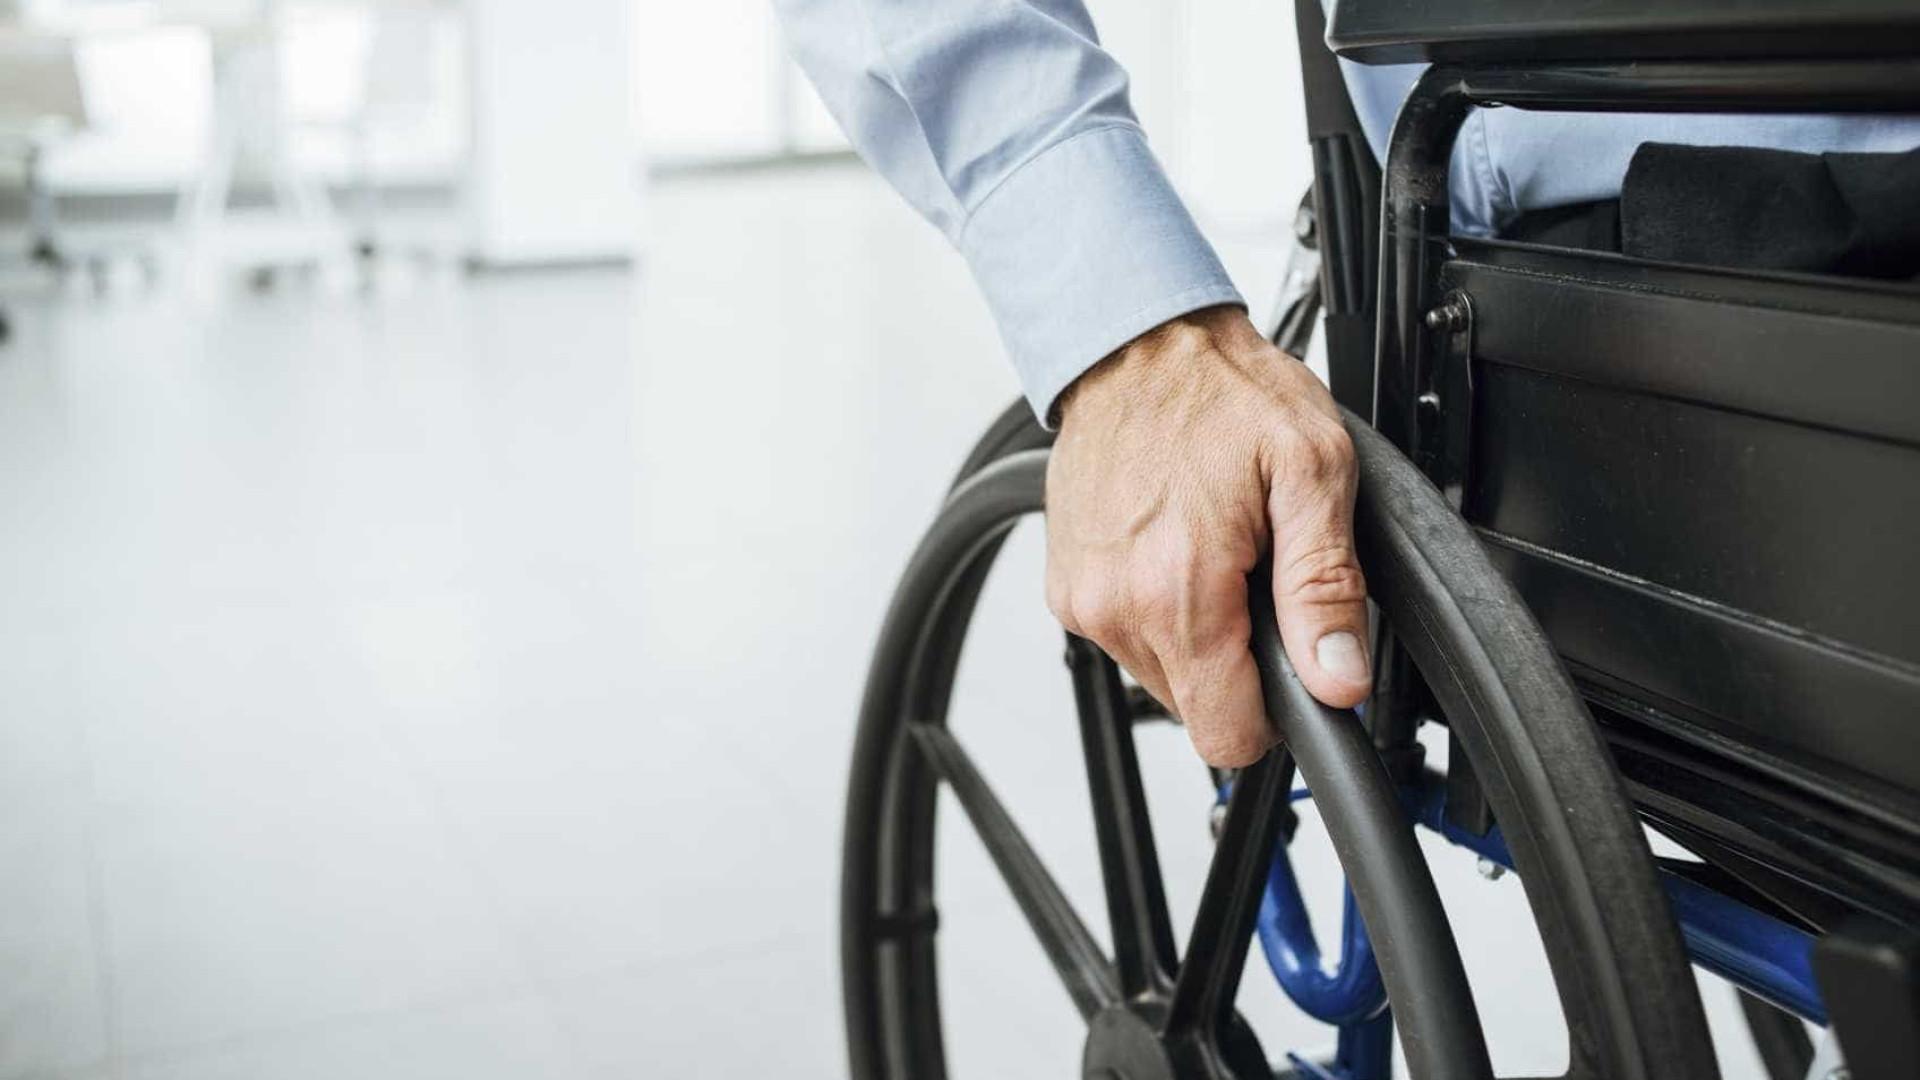 Bloco propõe isenção de propinas para alunos com deficiência